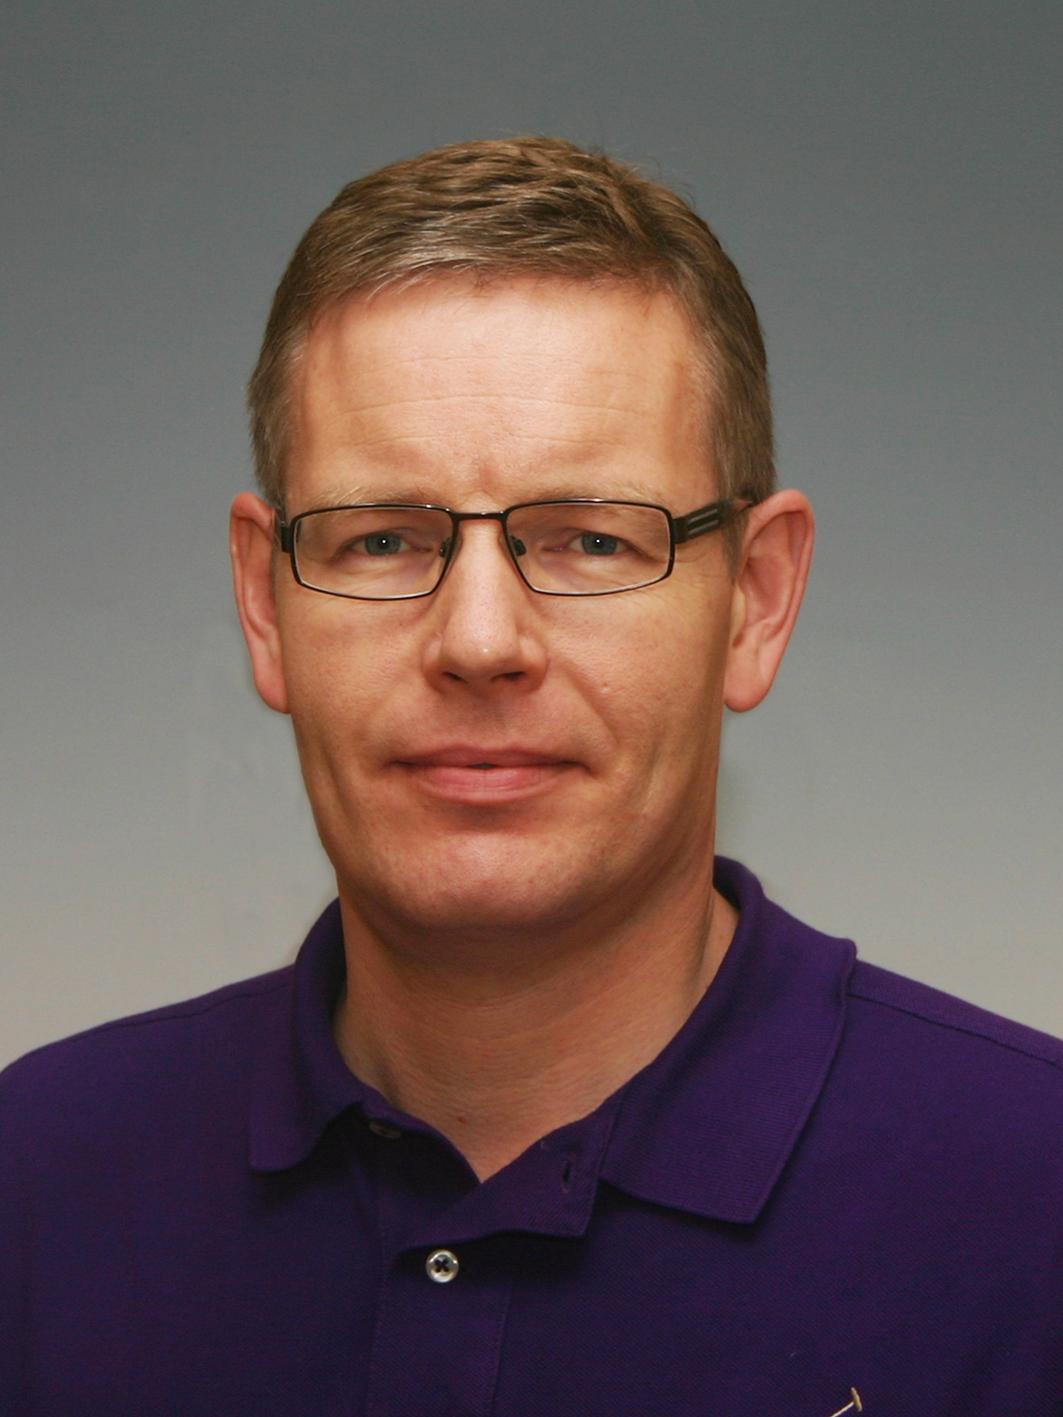 Søren Flinch Midtgaard - Research - Aarhus University